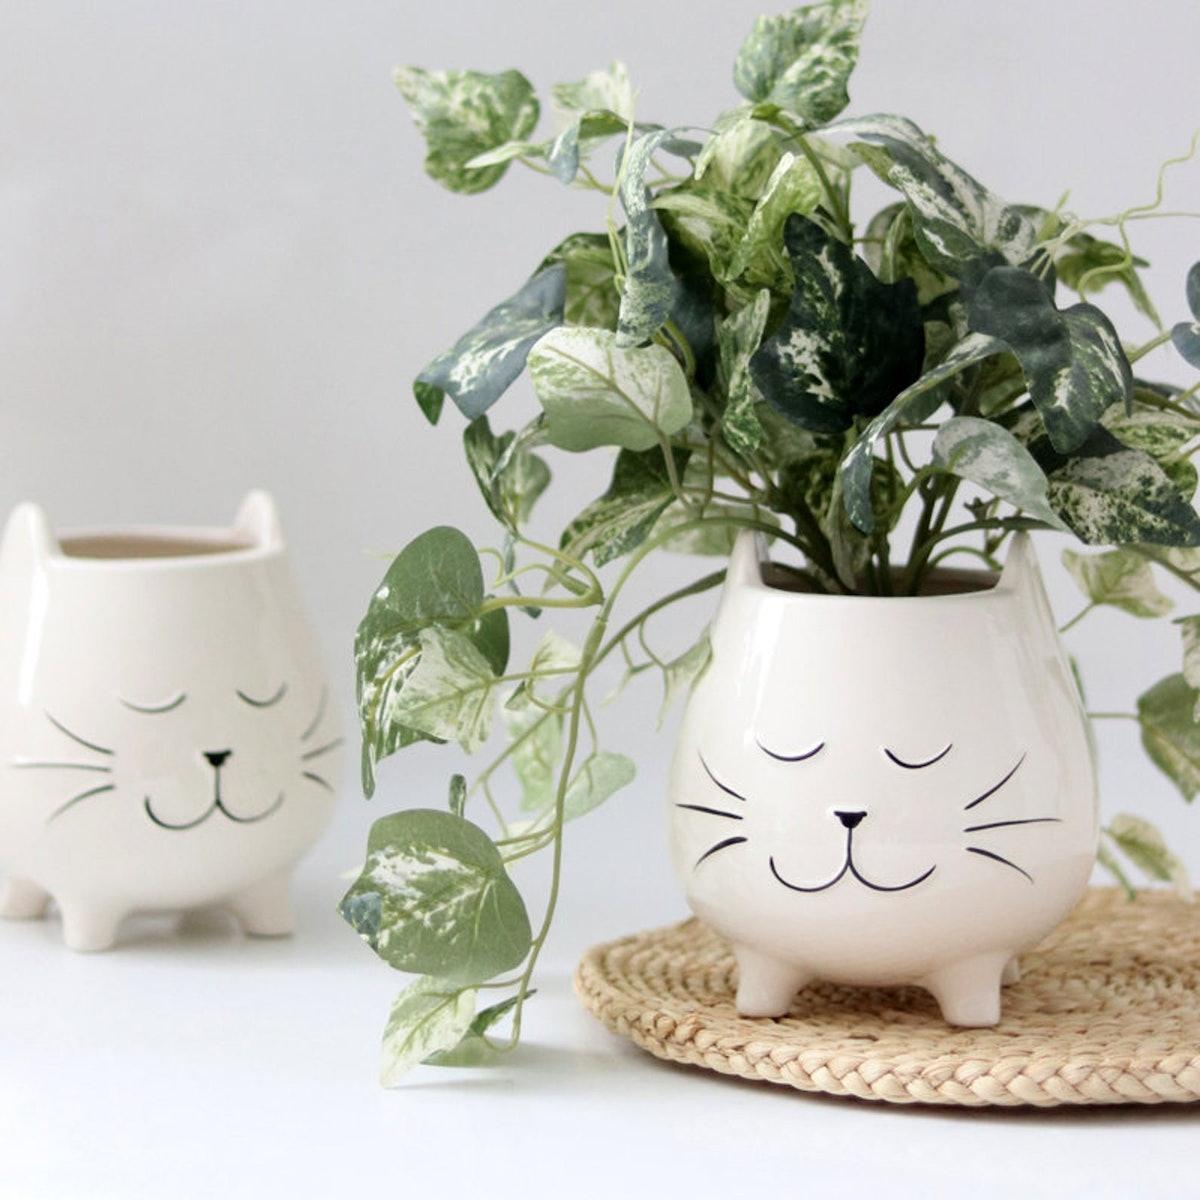 Ceramic Cat Planter For Succulents